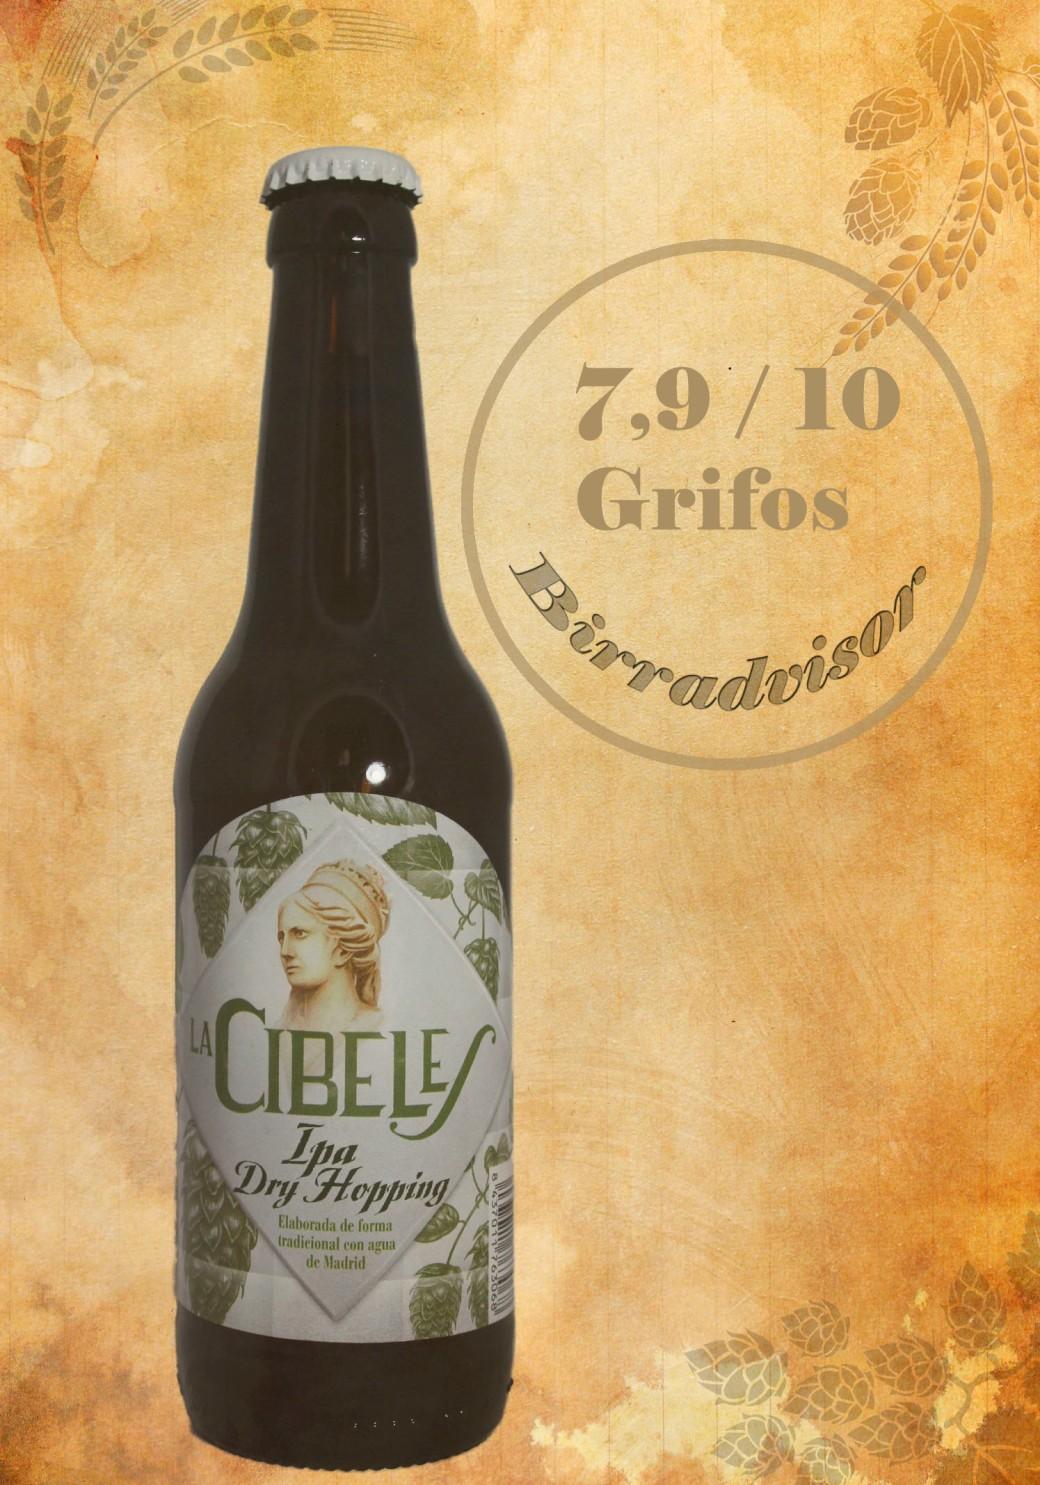 Cibeles (Ipa Dry Hopping)